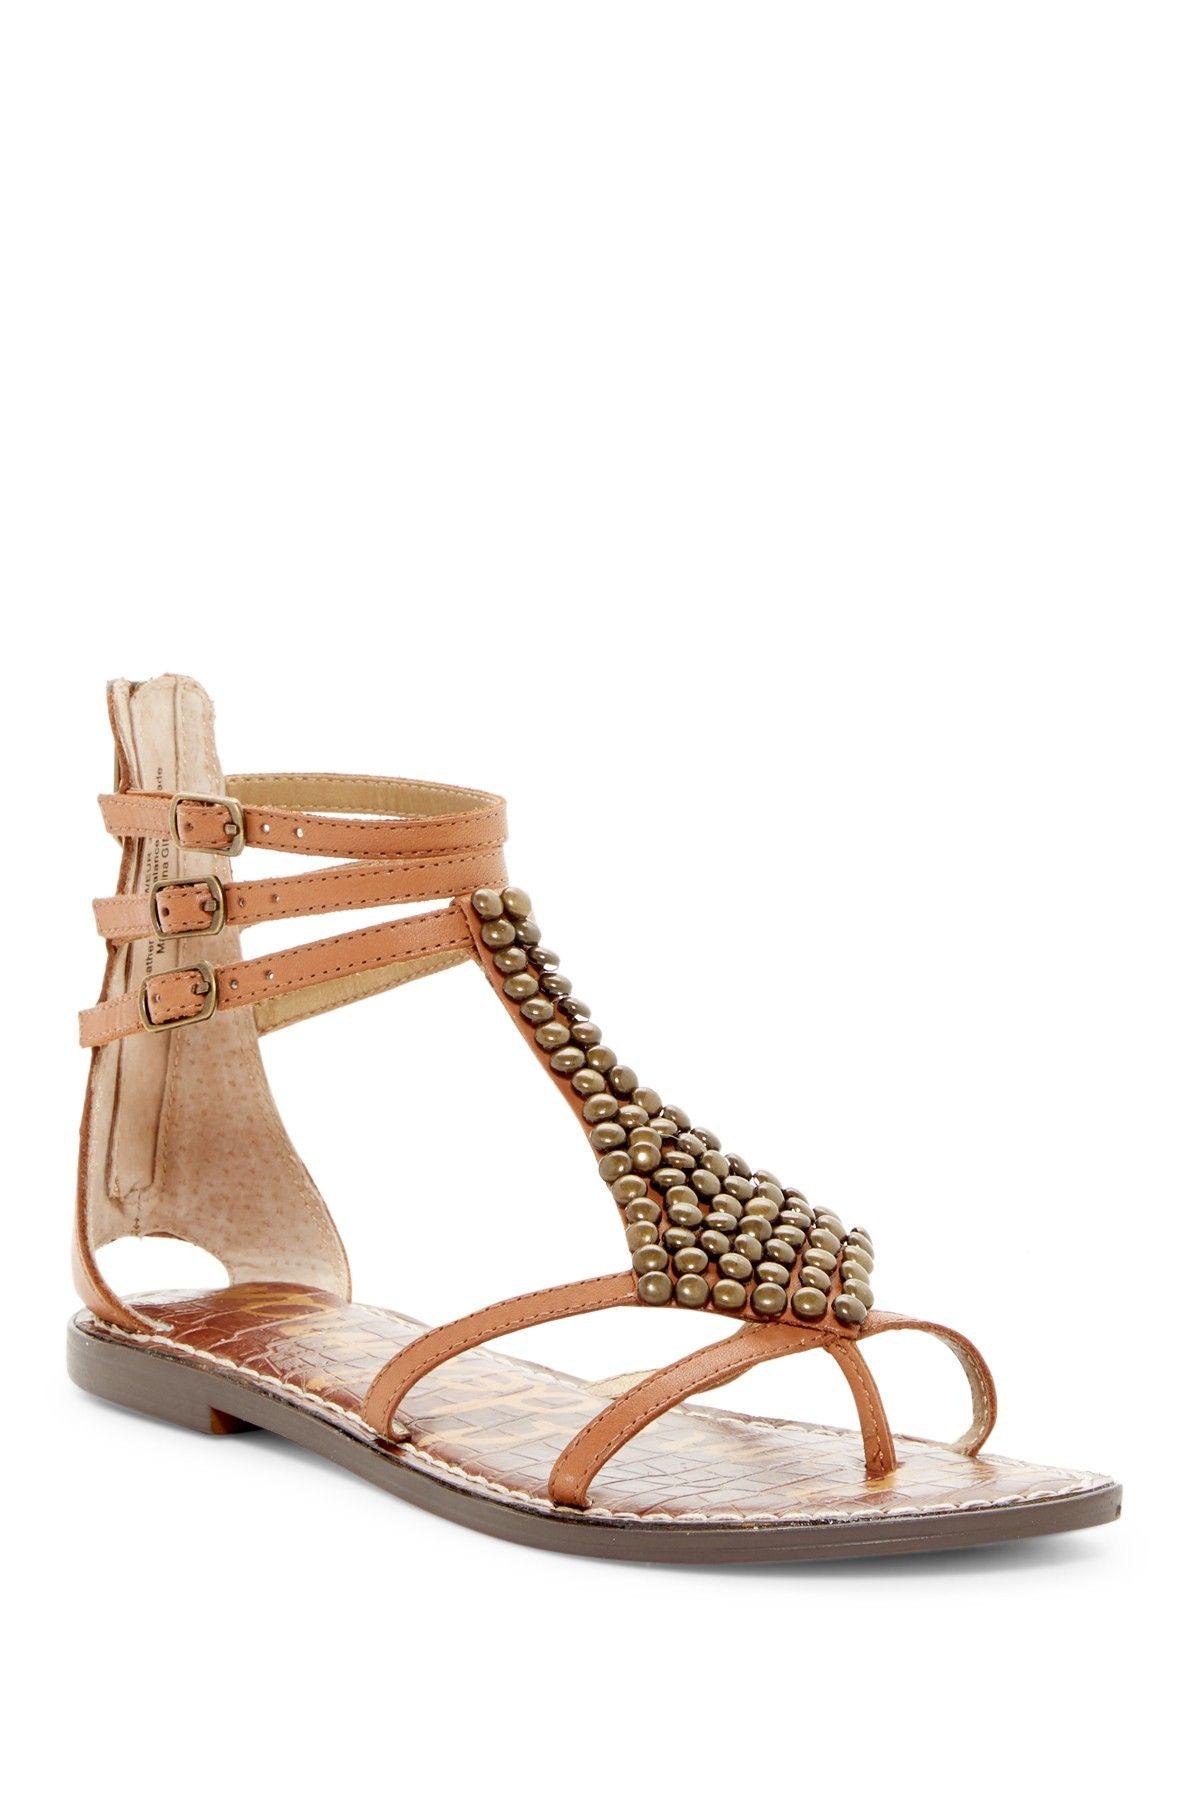 97833c7bf6b Ginger Beaded Gladiator Sandal by Sam Edelman on  nordstrom rack Gladiator  Sandals